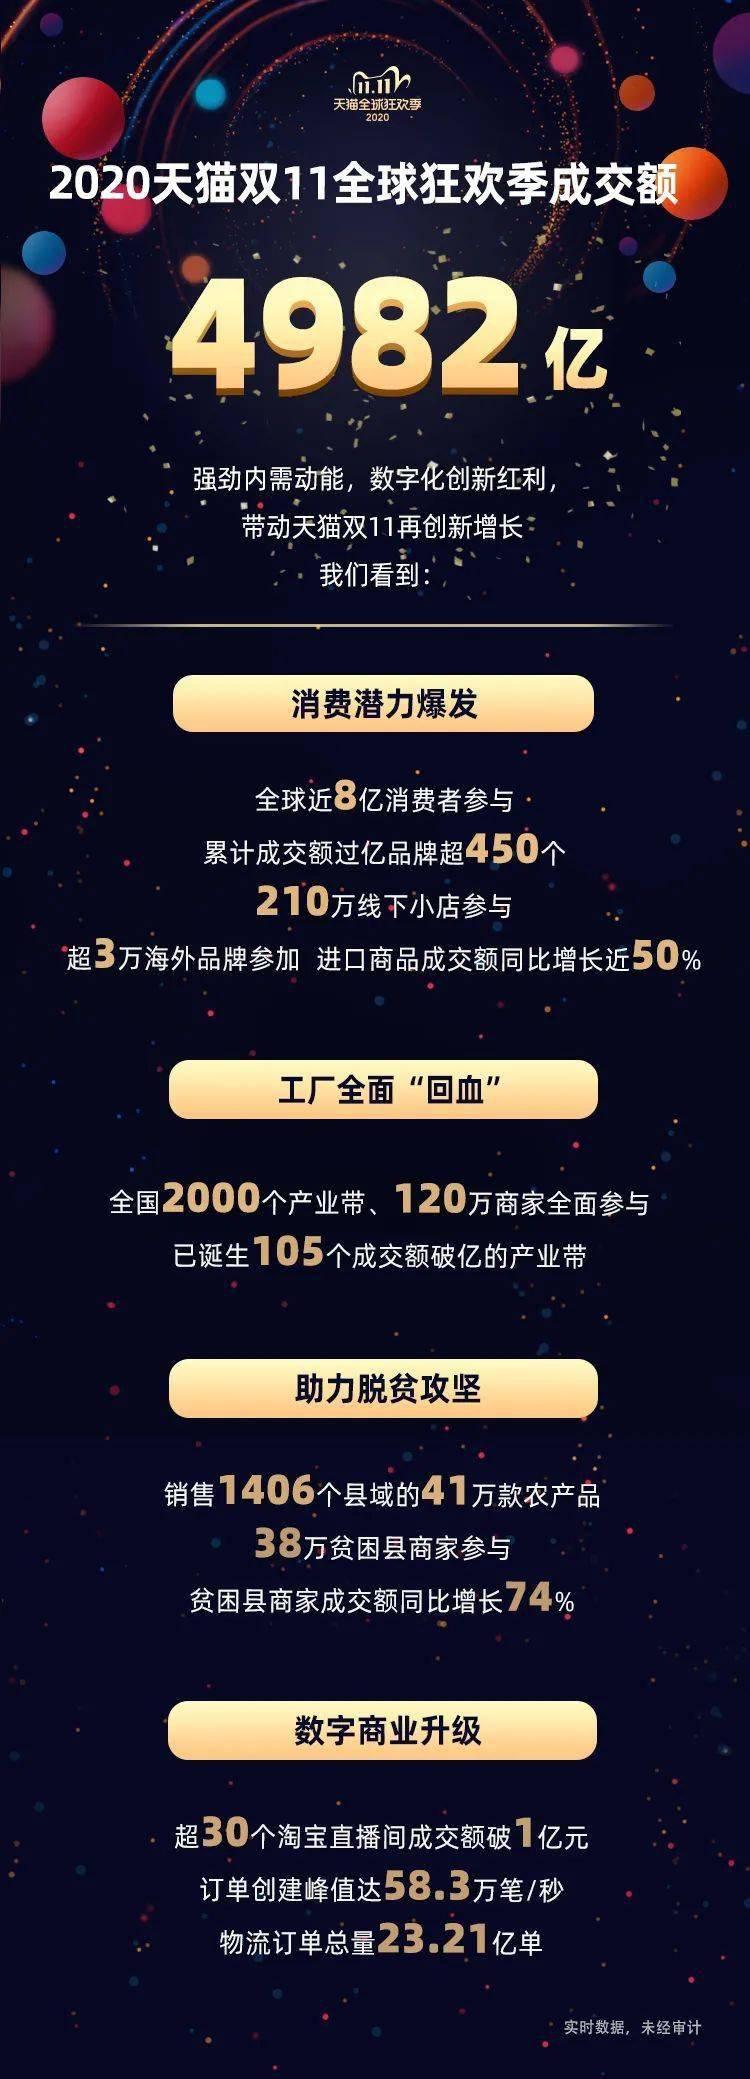 """双十一品牌排行_2020年天猫""""双十一""""服饰品牌战绩榜"""